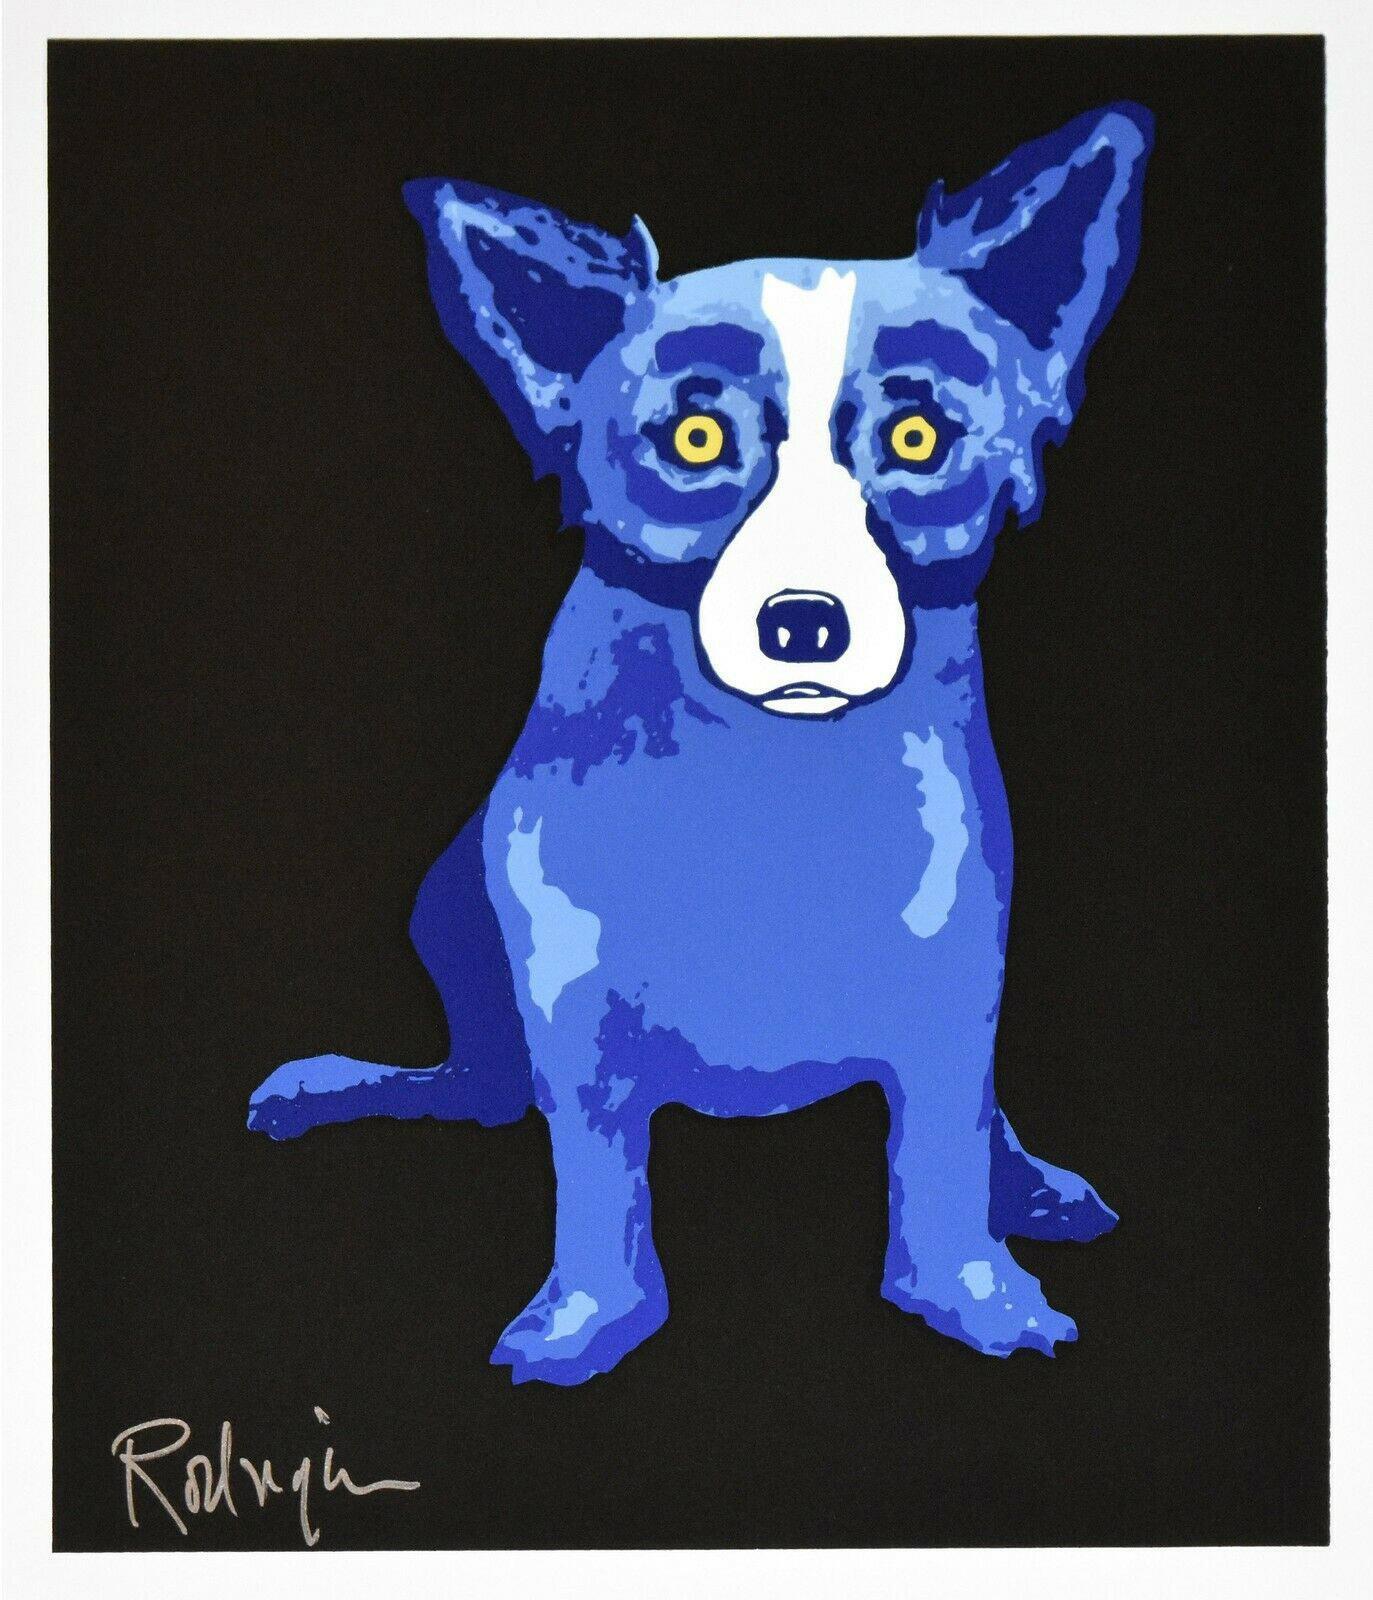 George Rodrigue Blue Dog Puppy Love nero della decorazione della casa della pittura a olio su tela di canapa di arte della parete della tela di canapa Immagini Per Soggiorno 200910